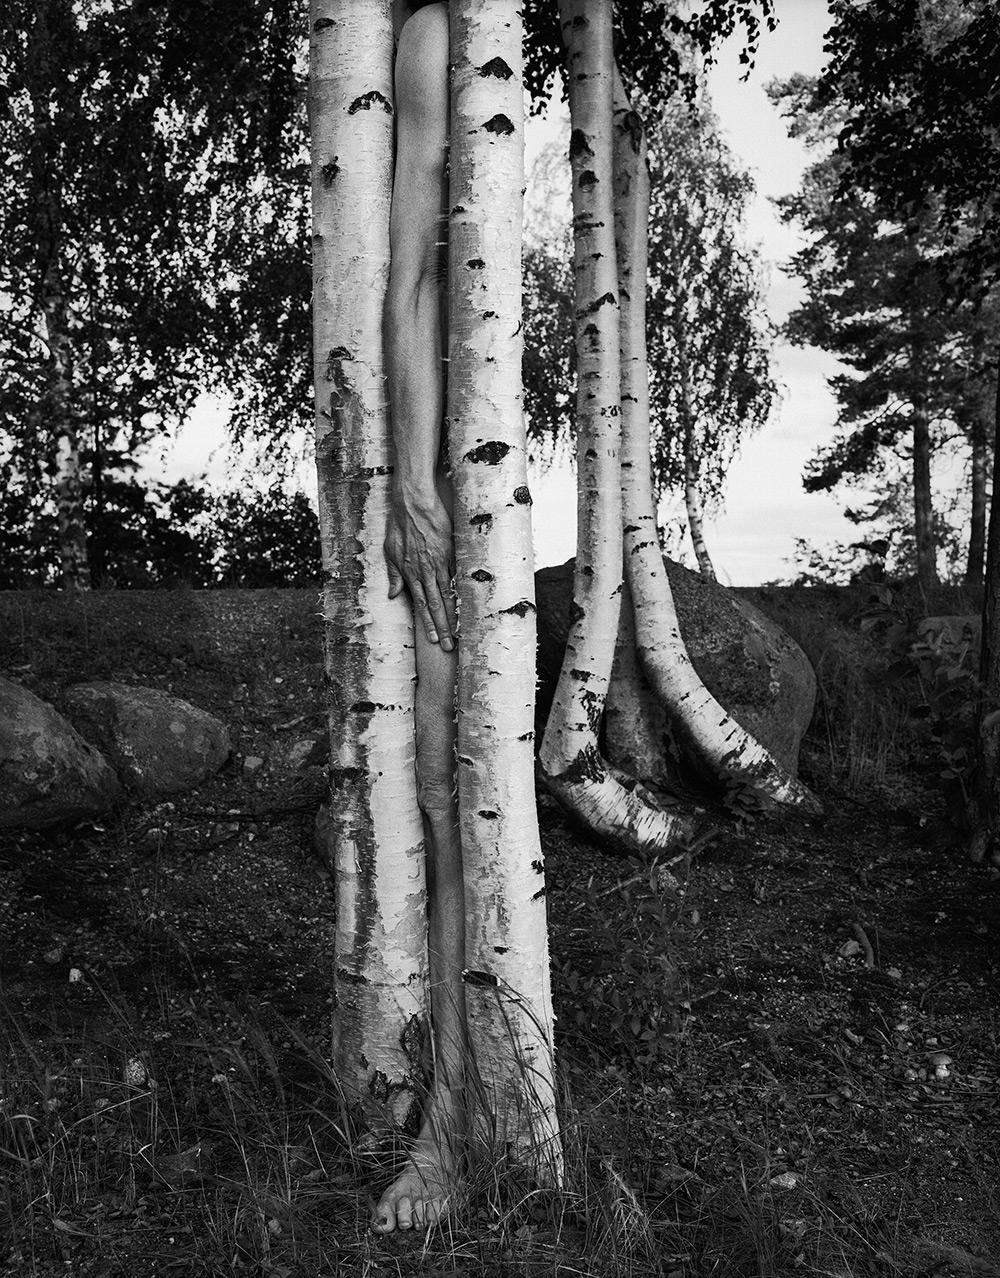 Vaisalansaari, Finland, 1998. Courtesy Catherine Edelman Gallery.